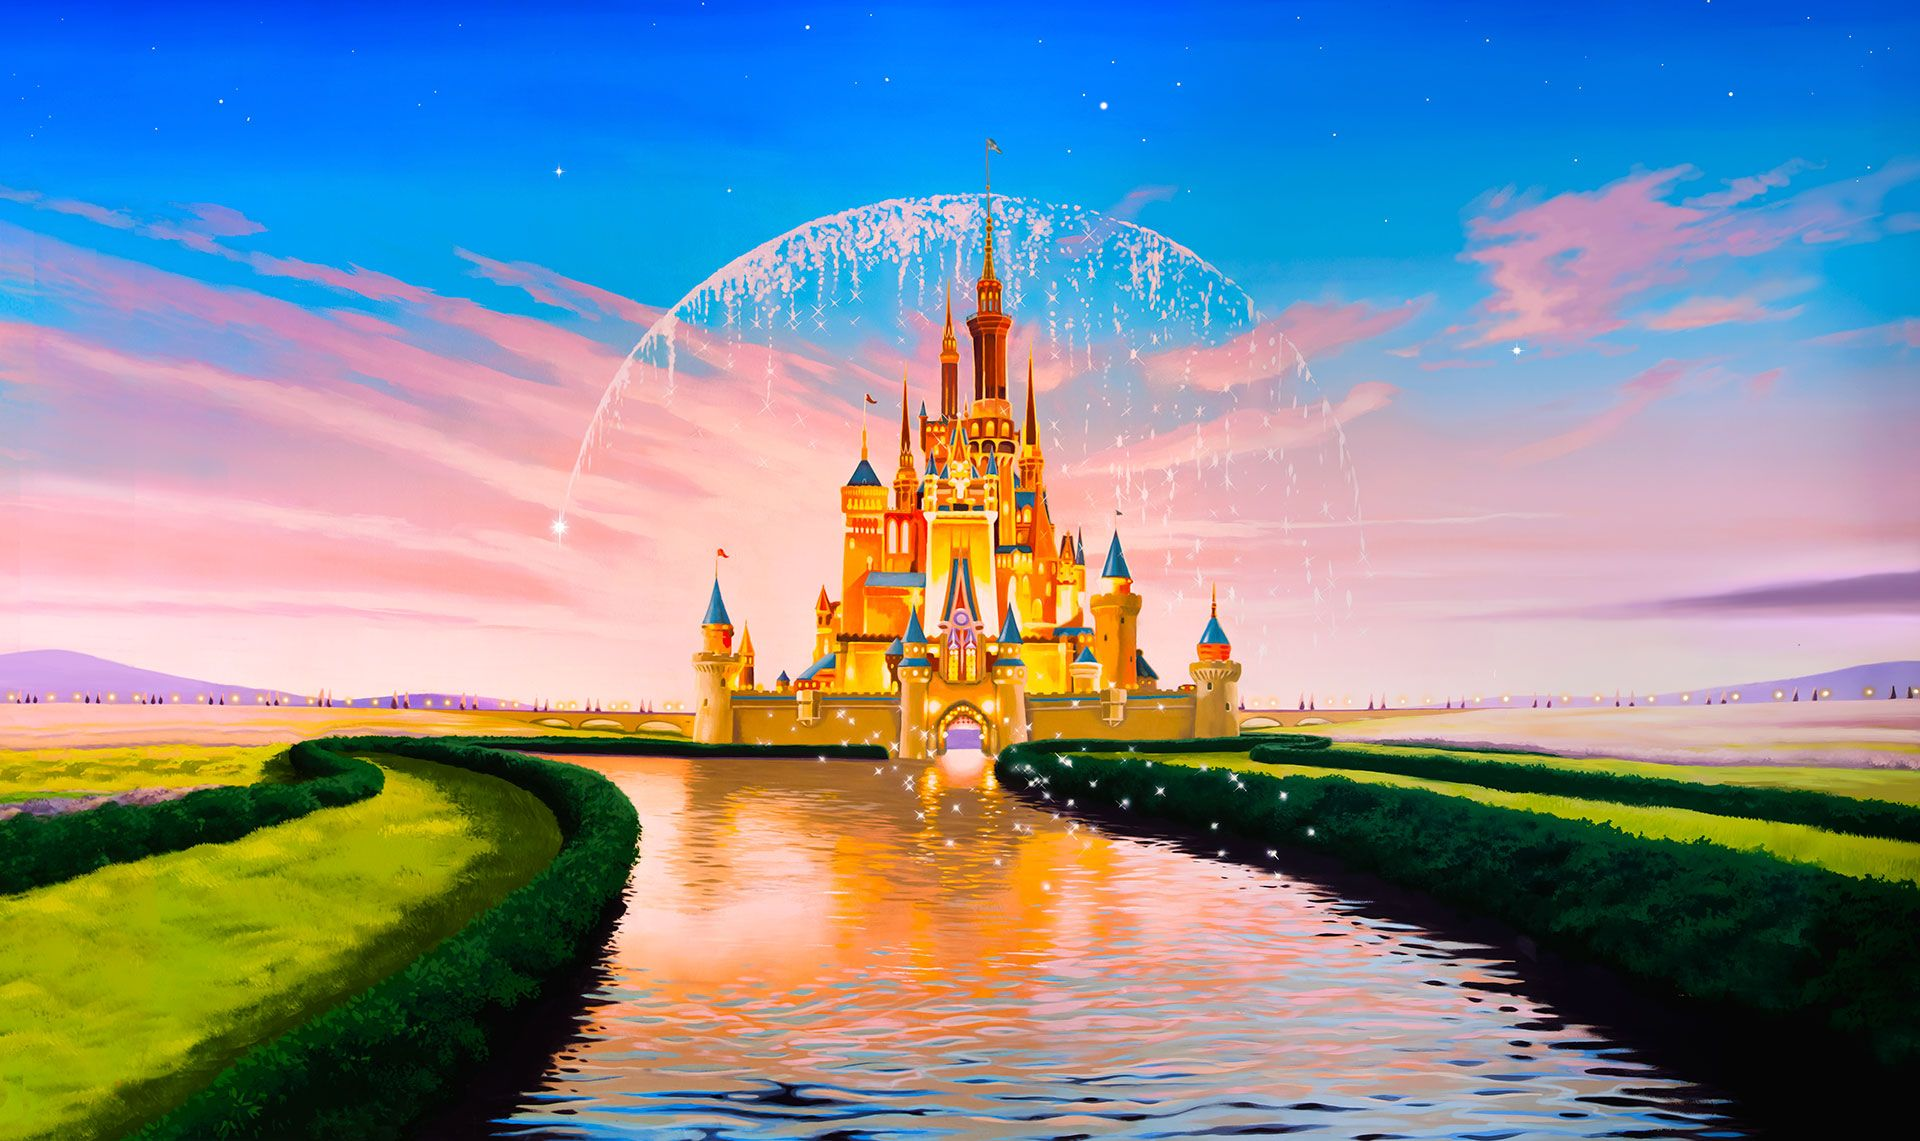 Anime Wallpaper: Disney Castle Desktop Wallpapers HD Resolution ... | disney in 2019 | Disney ...